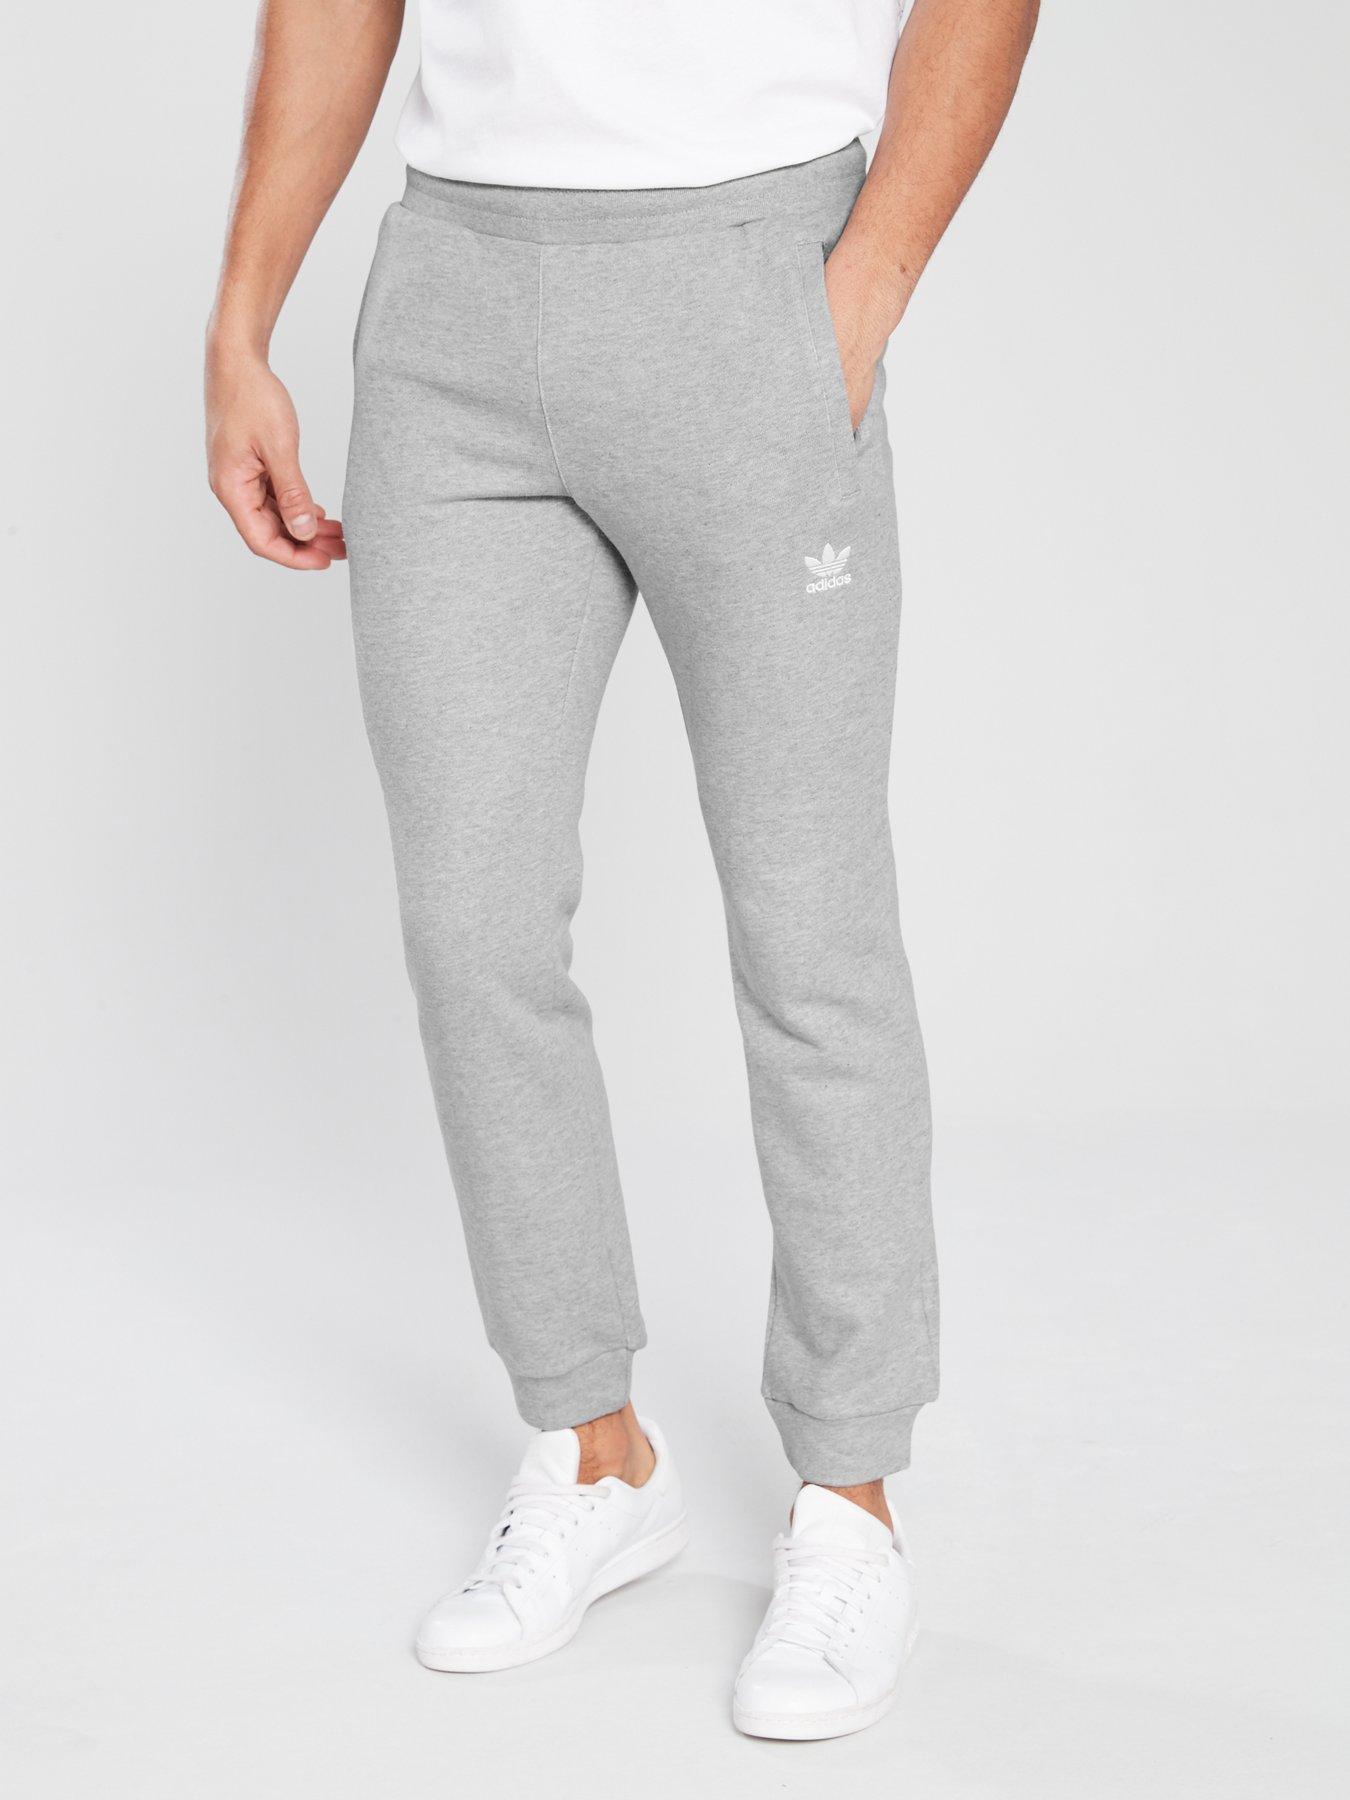 Adidas originals   Joggers   Men   www